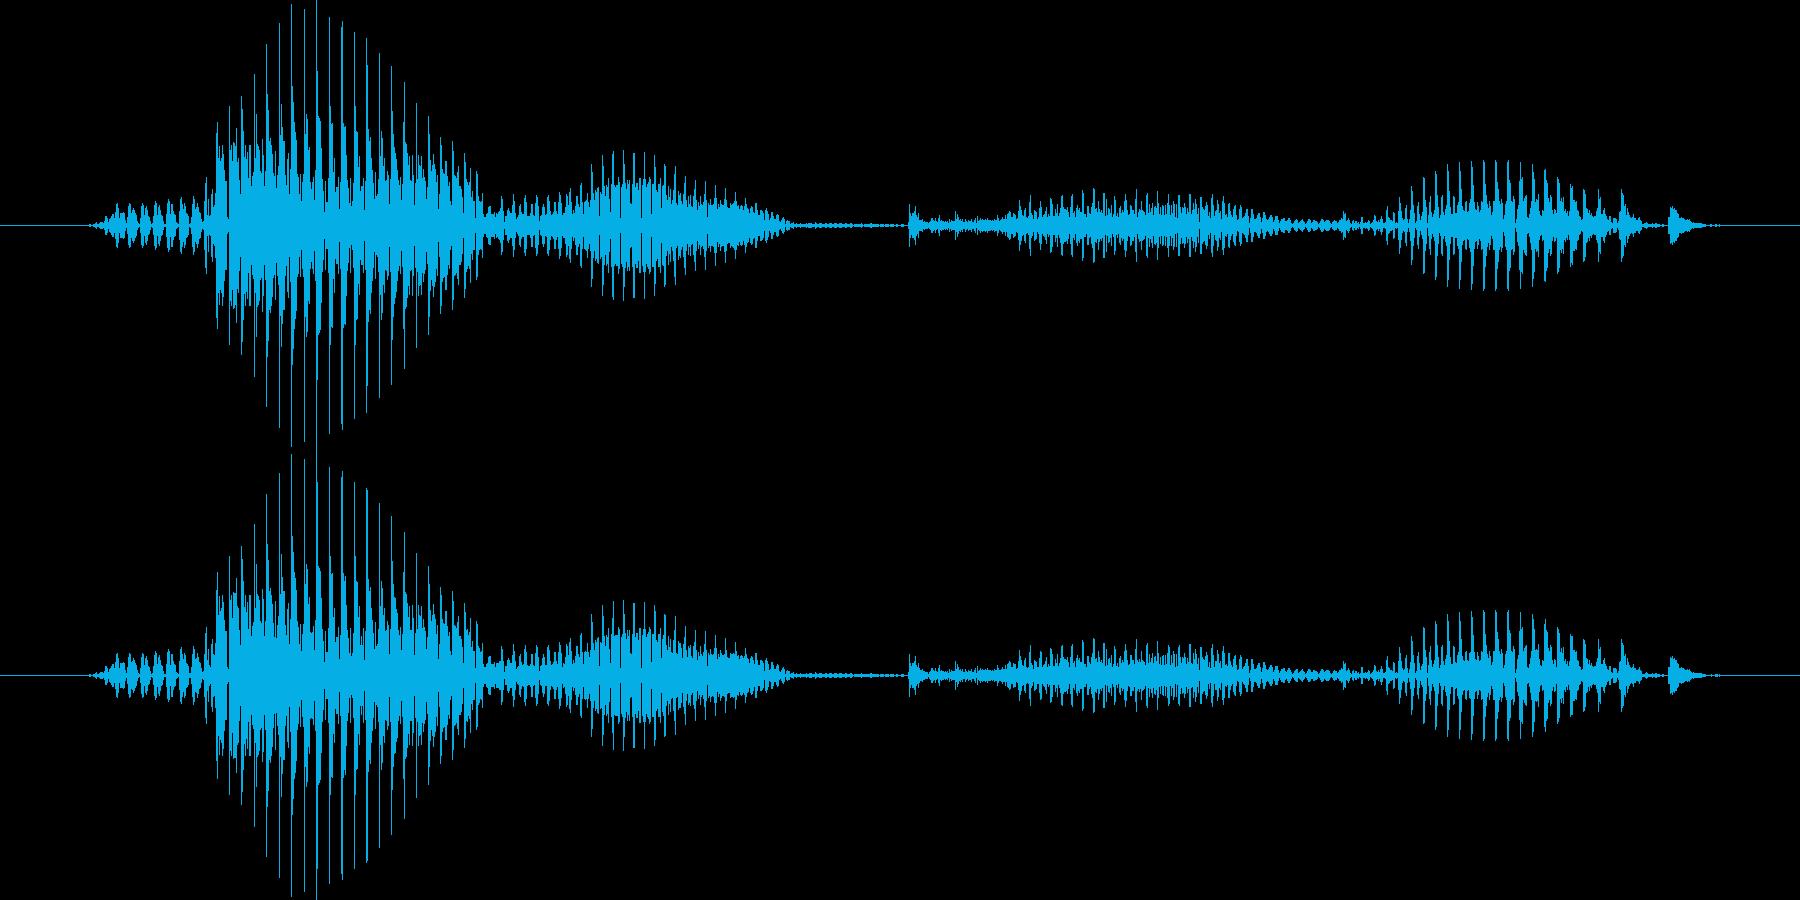 【日数・後】7日後の再生済みの波形